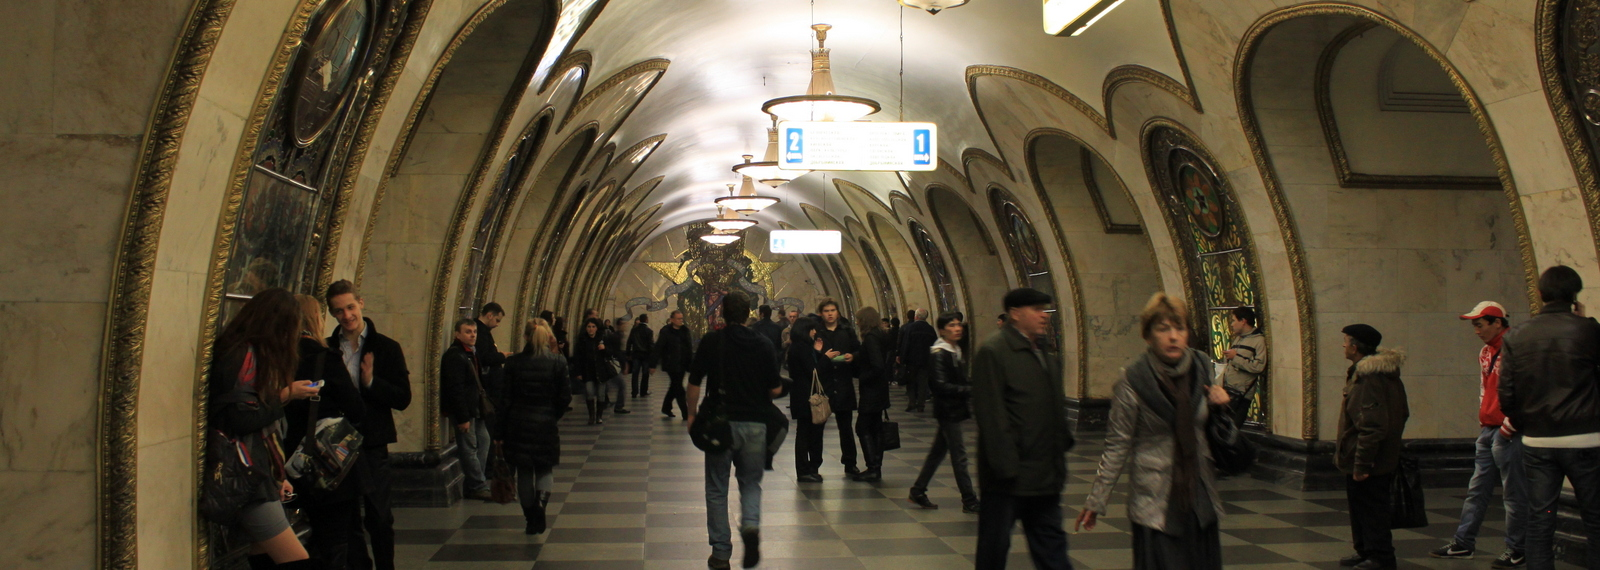 Metro Station Novoslobodskaya, Moscow